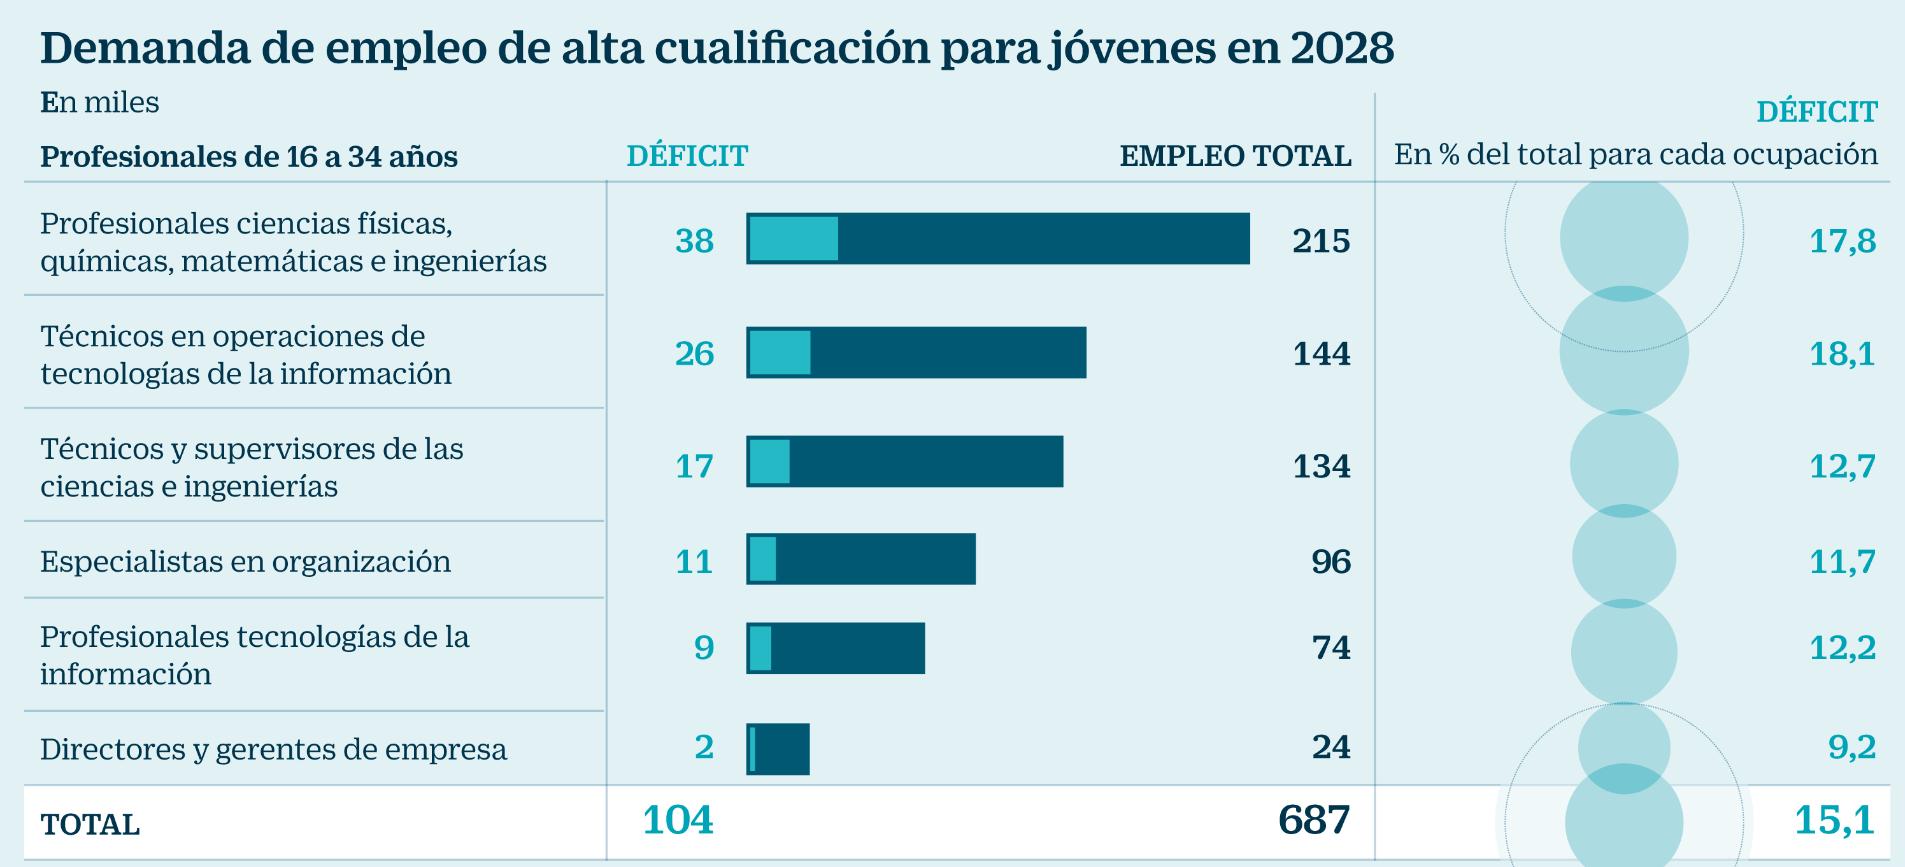 España tendrá un déficit de más de 100.000 jóvenes cualificados en diez años